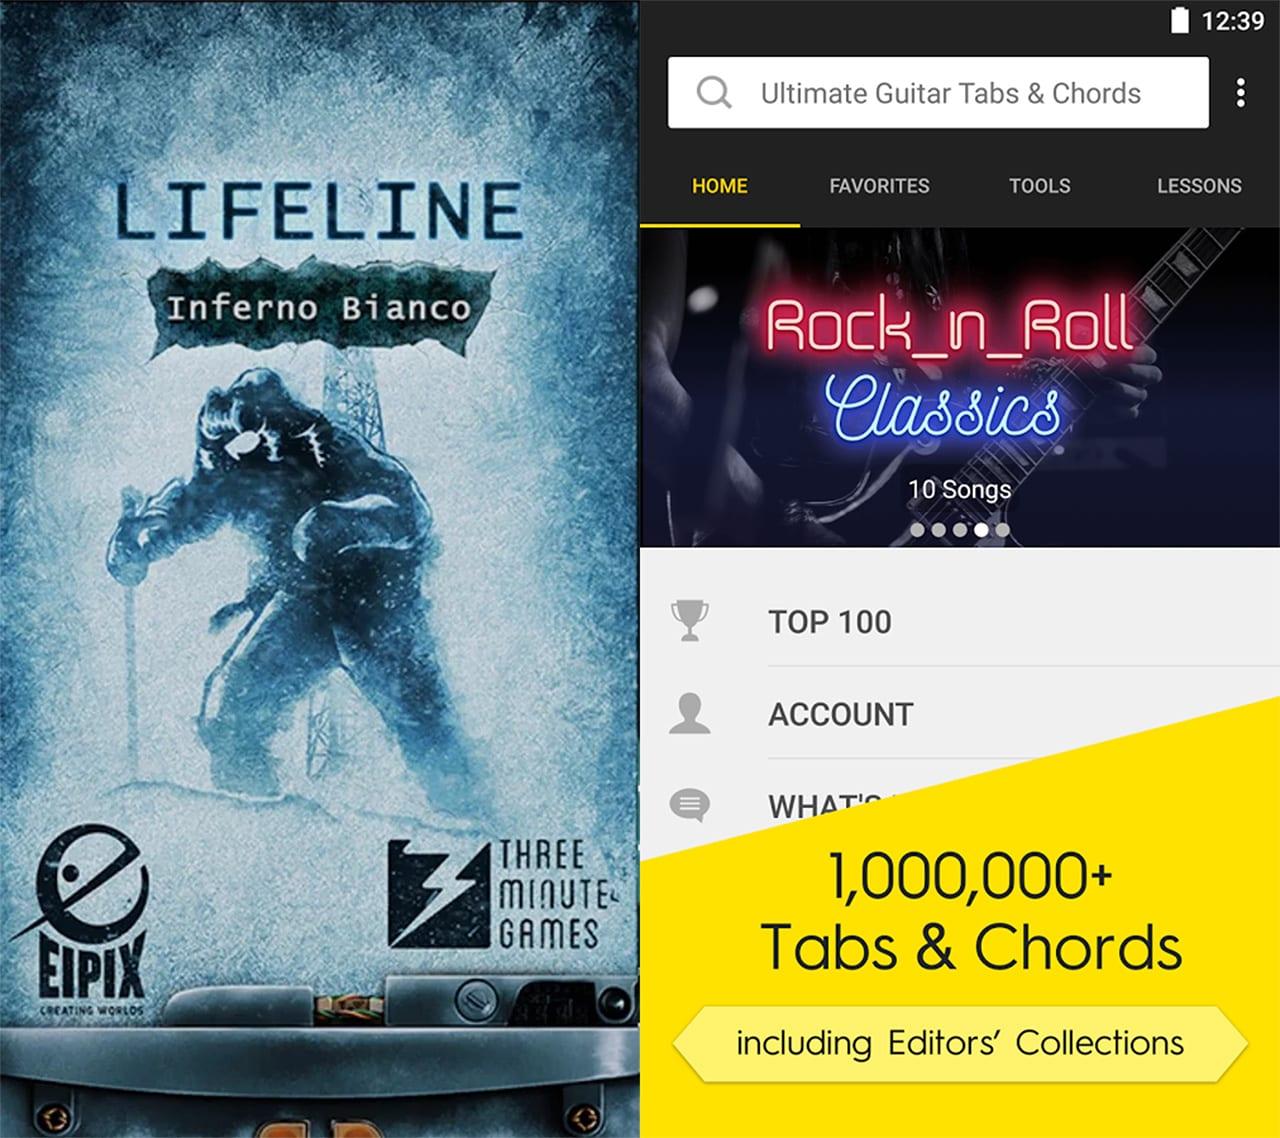 Lifeline: Inferno Bianco e Ultimate Guitar Tabs & Chords sono le app a 0,10€ della settimana